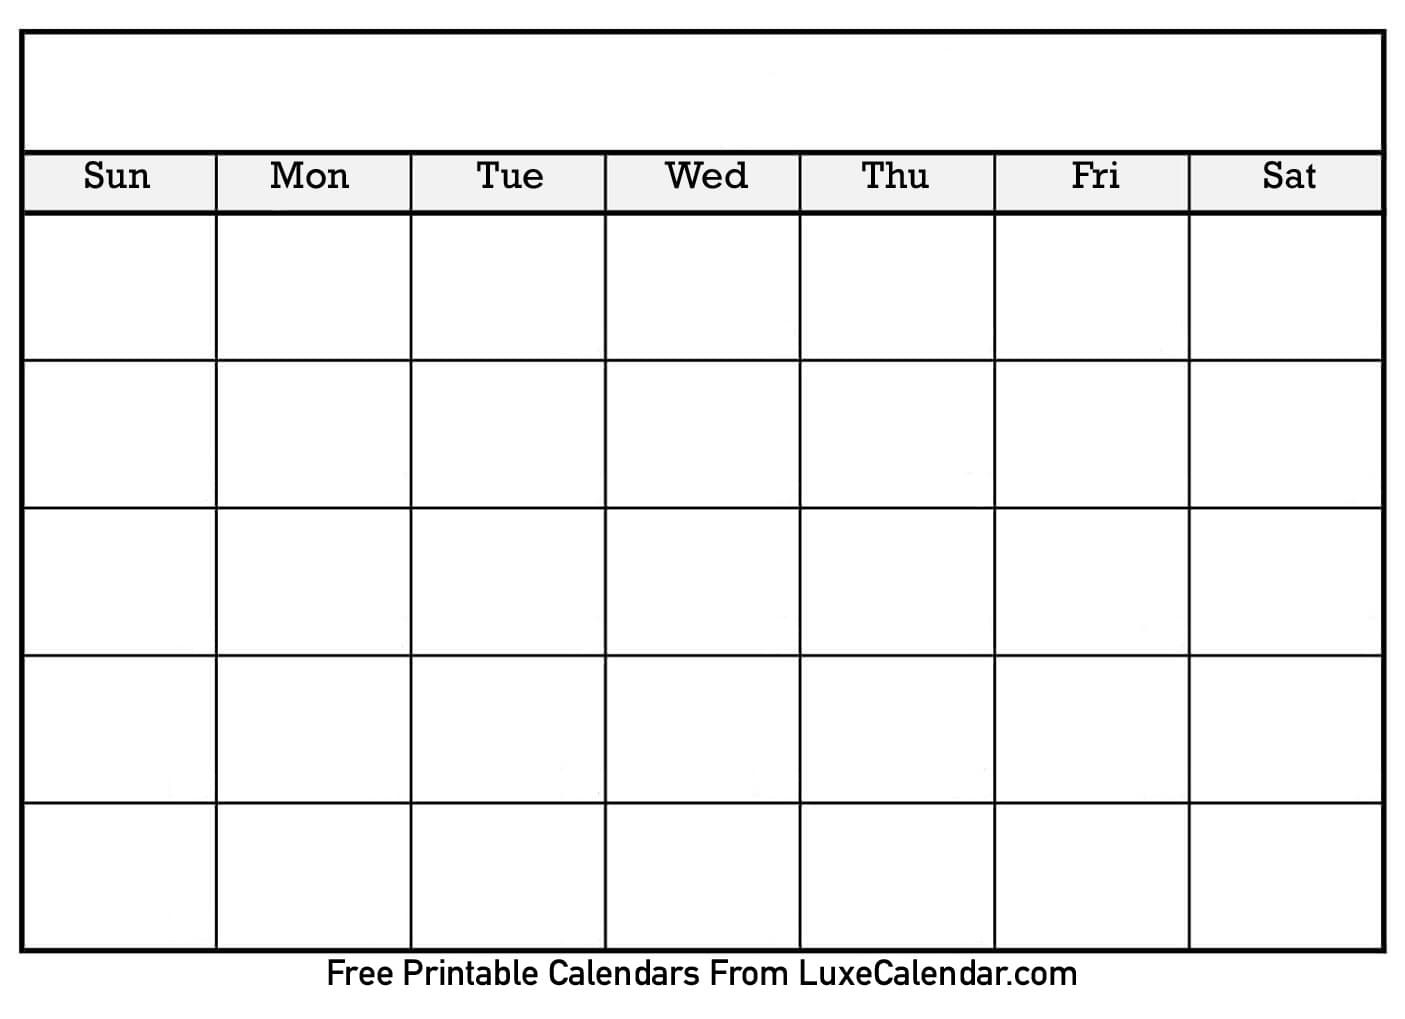 Blank Printable Calendar - Luxe Calendar-Printable Blank Calendar Sheets